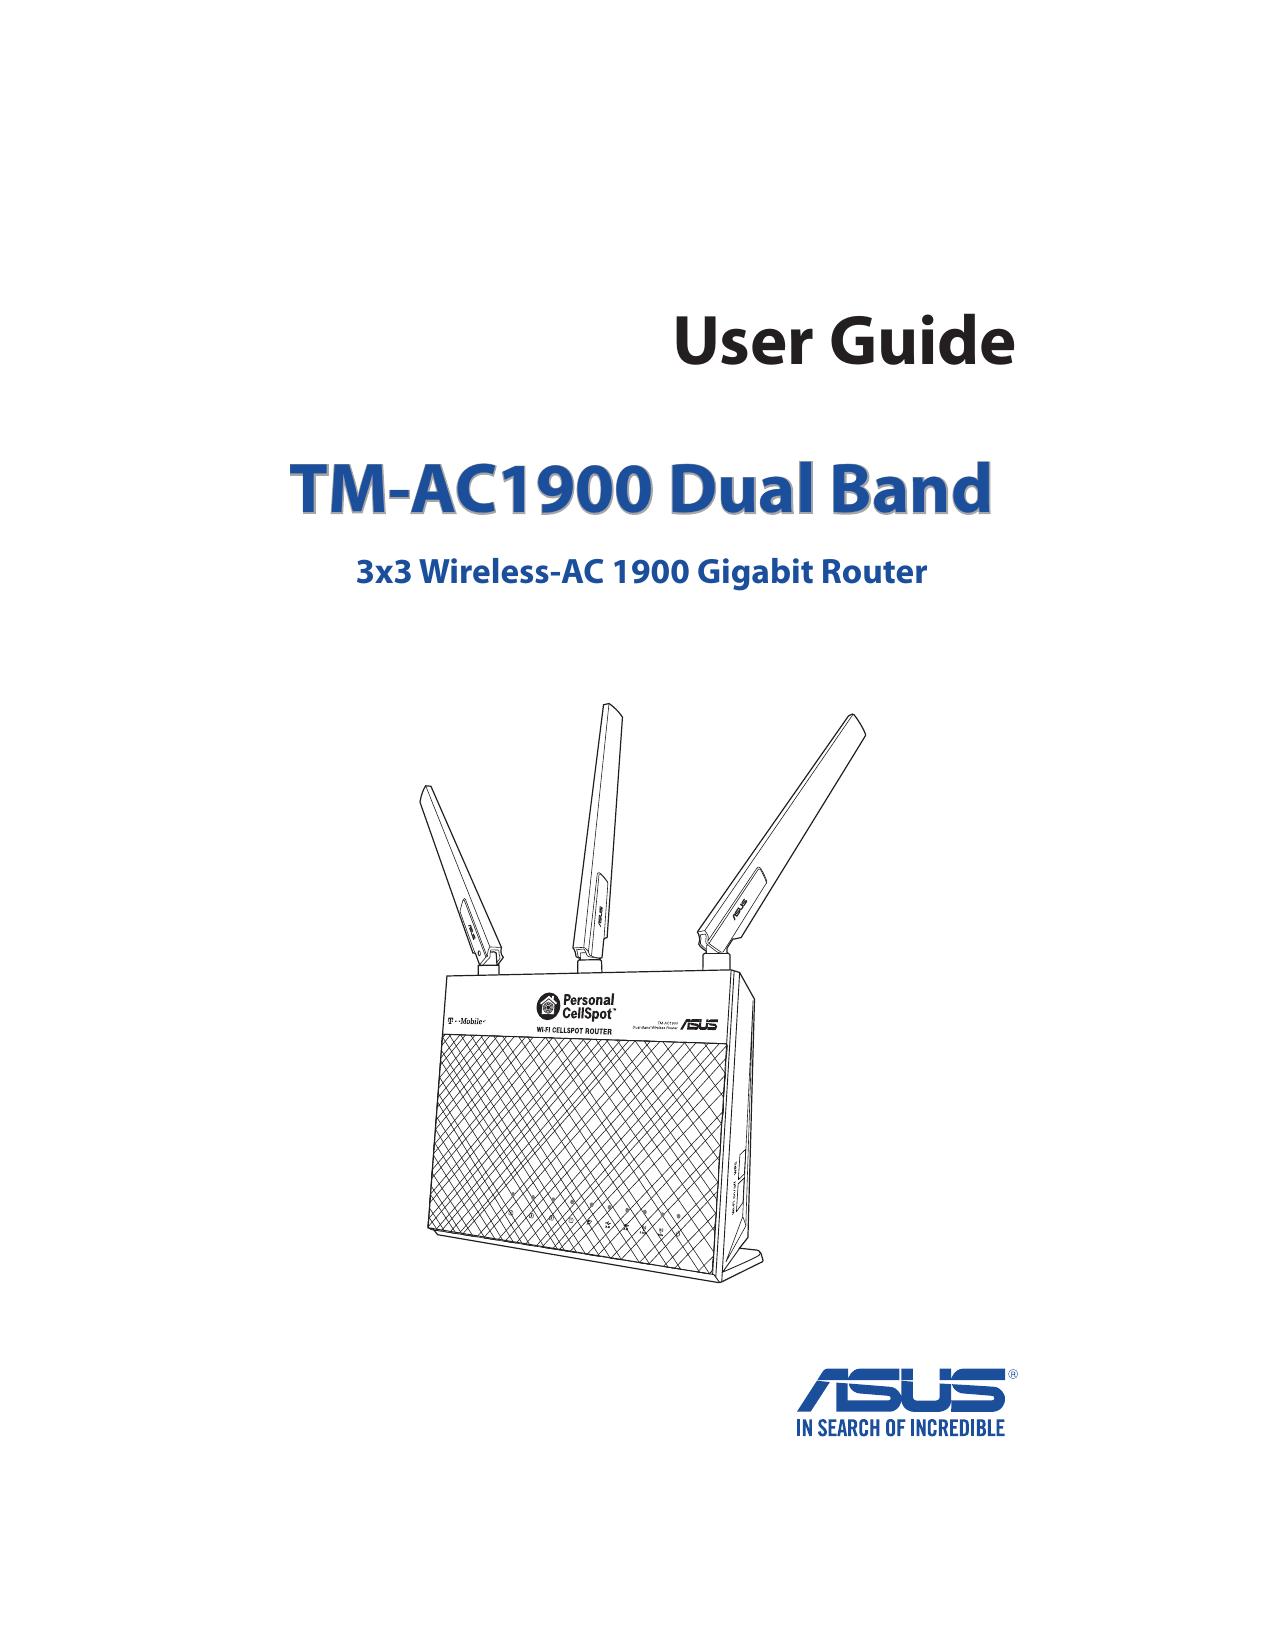 User Guide TM-AC1900 Dual Band | manualzz com